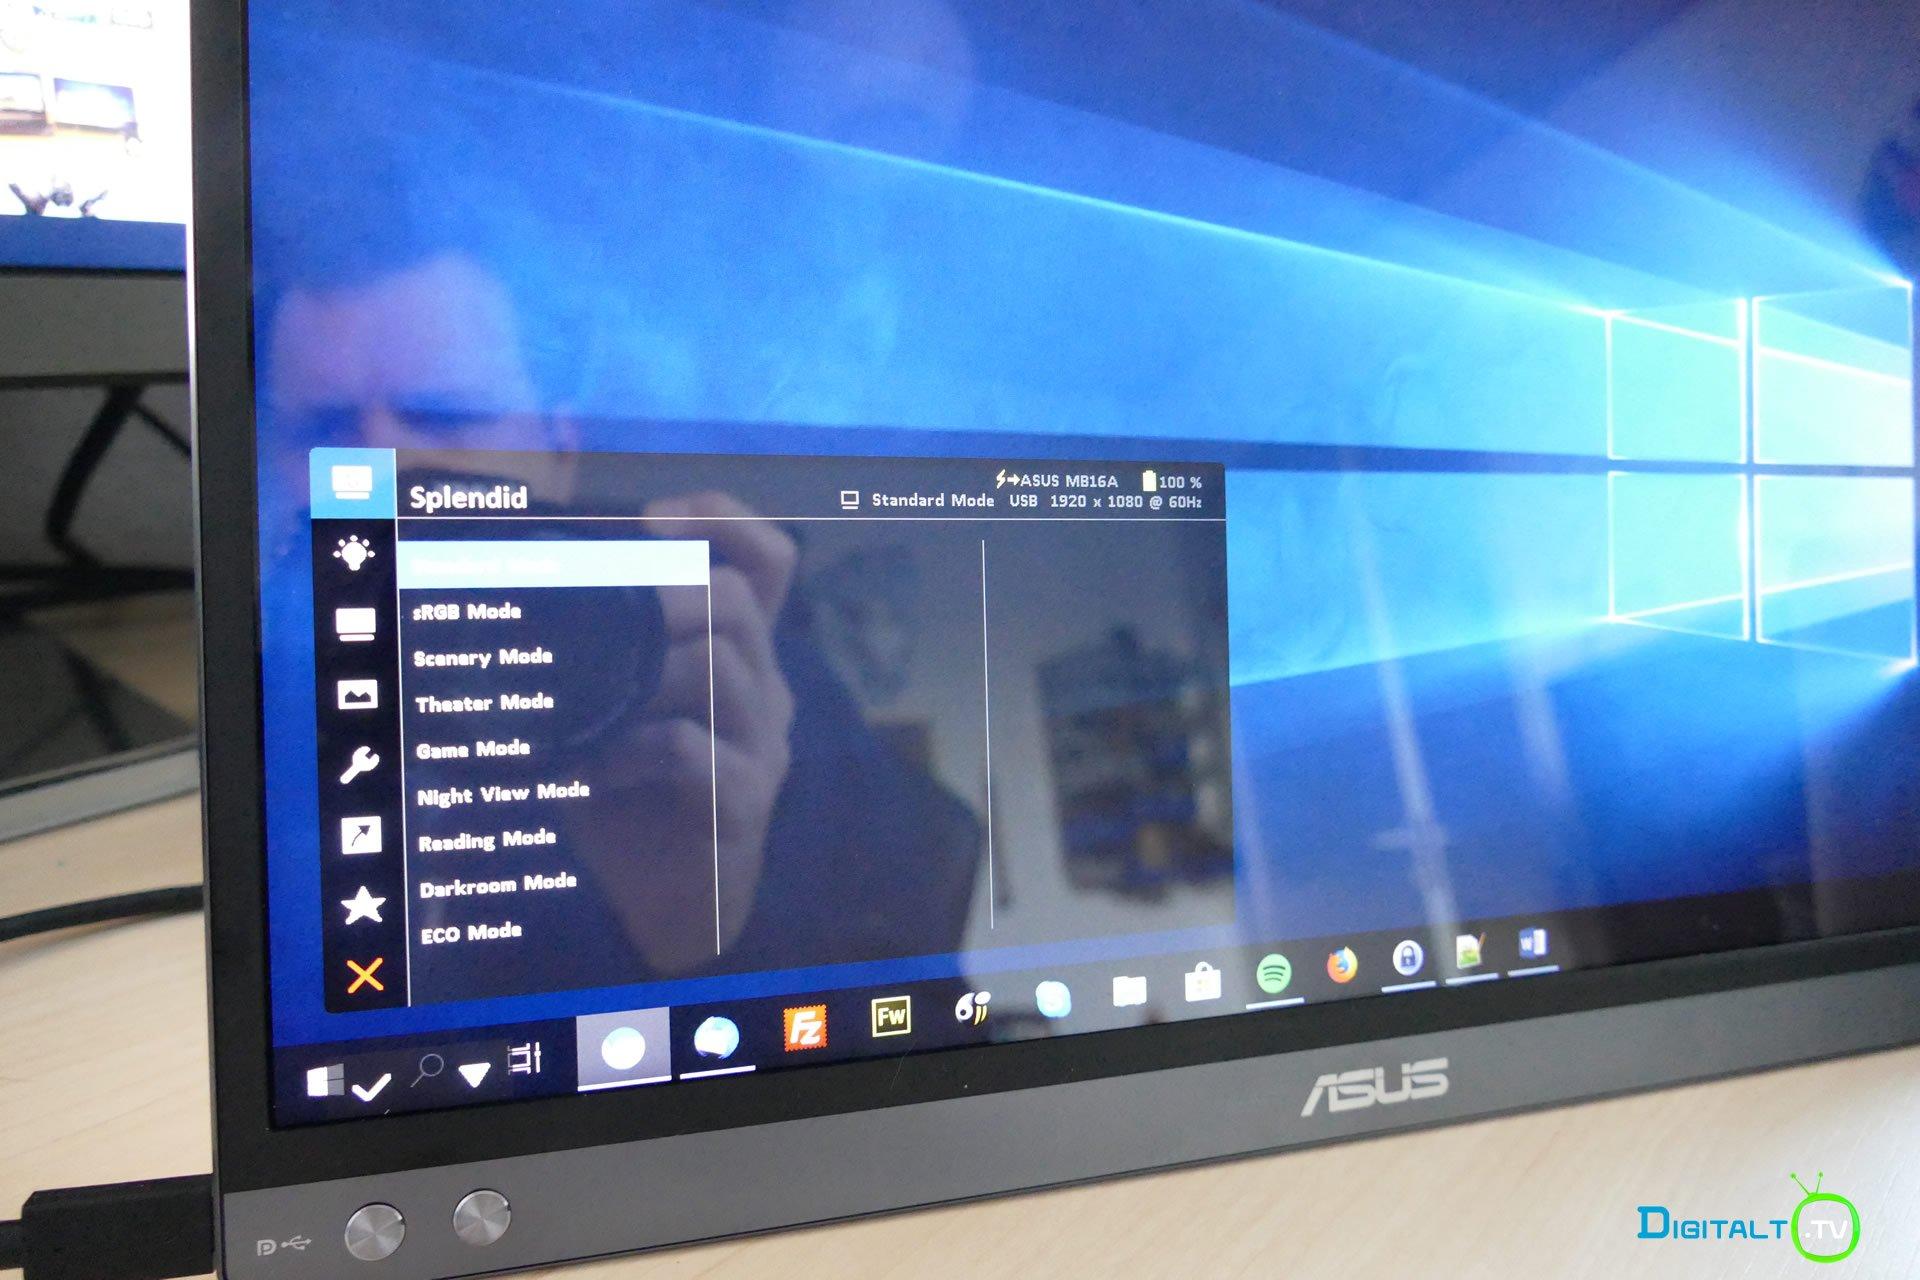 ASUS ZenScreen Go MB16AP menu